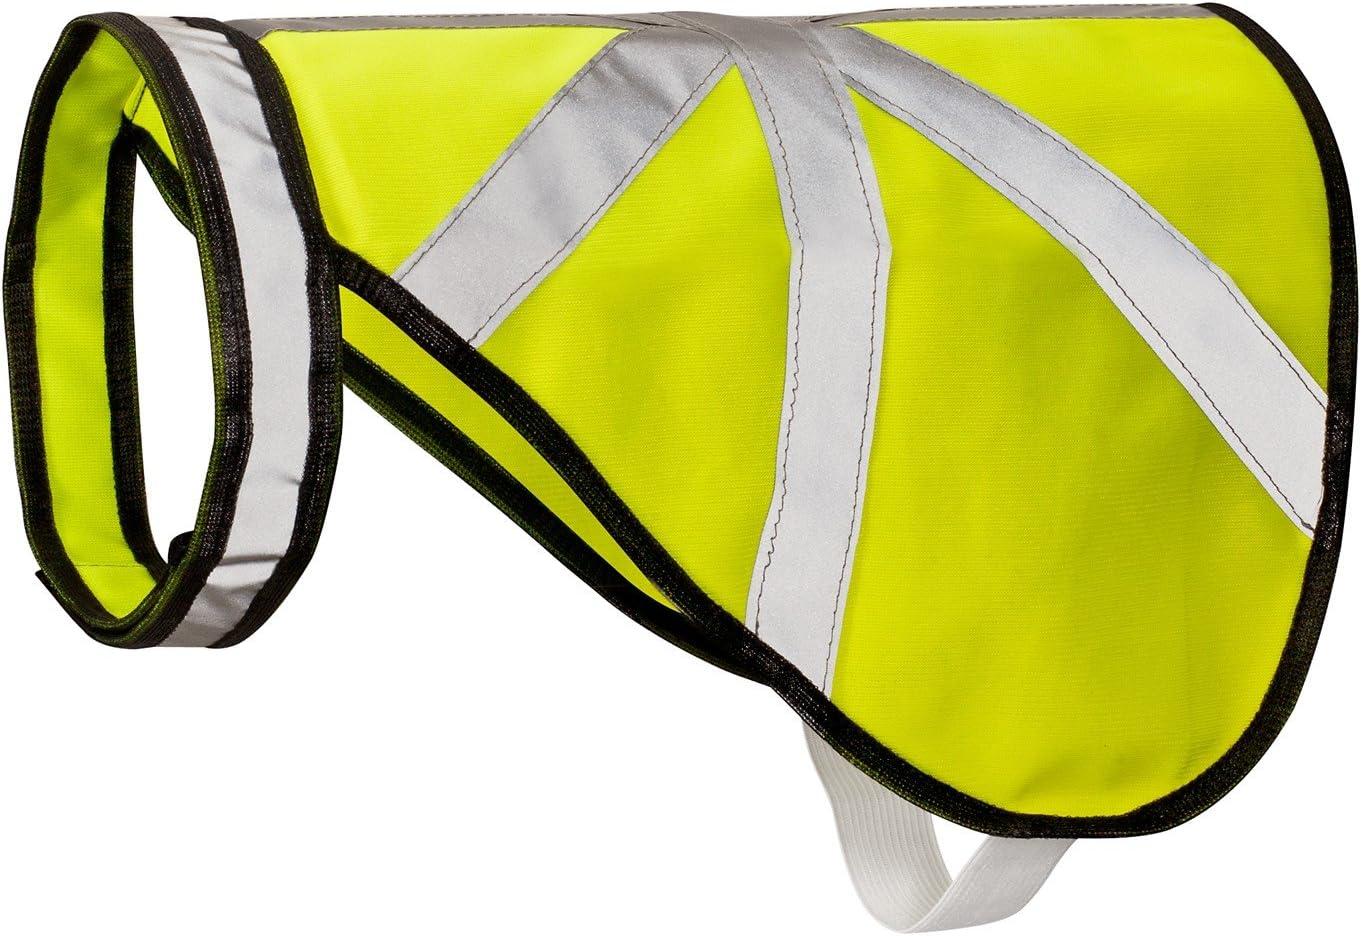 2-TECH Hunde Warnweste Schutz und Reflektorweste neon